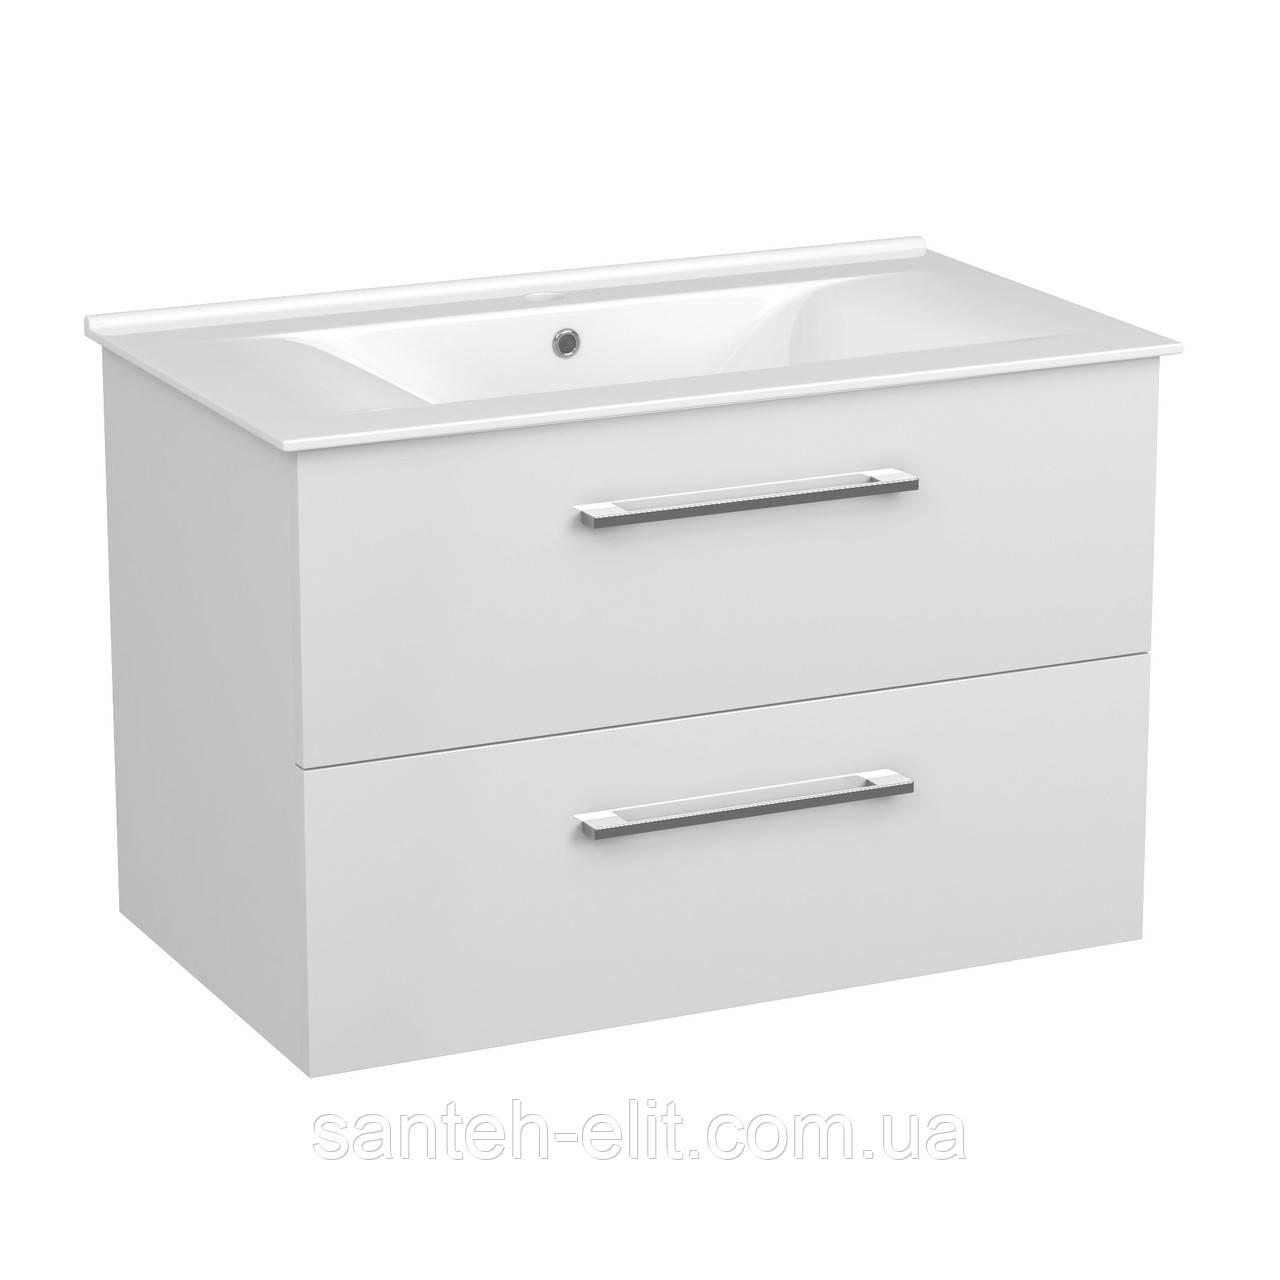 NEMO NEW комплект меблів 80см білий: тумба підвісна, 2 ящика + умивальник накладний арт 13-01-080B